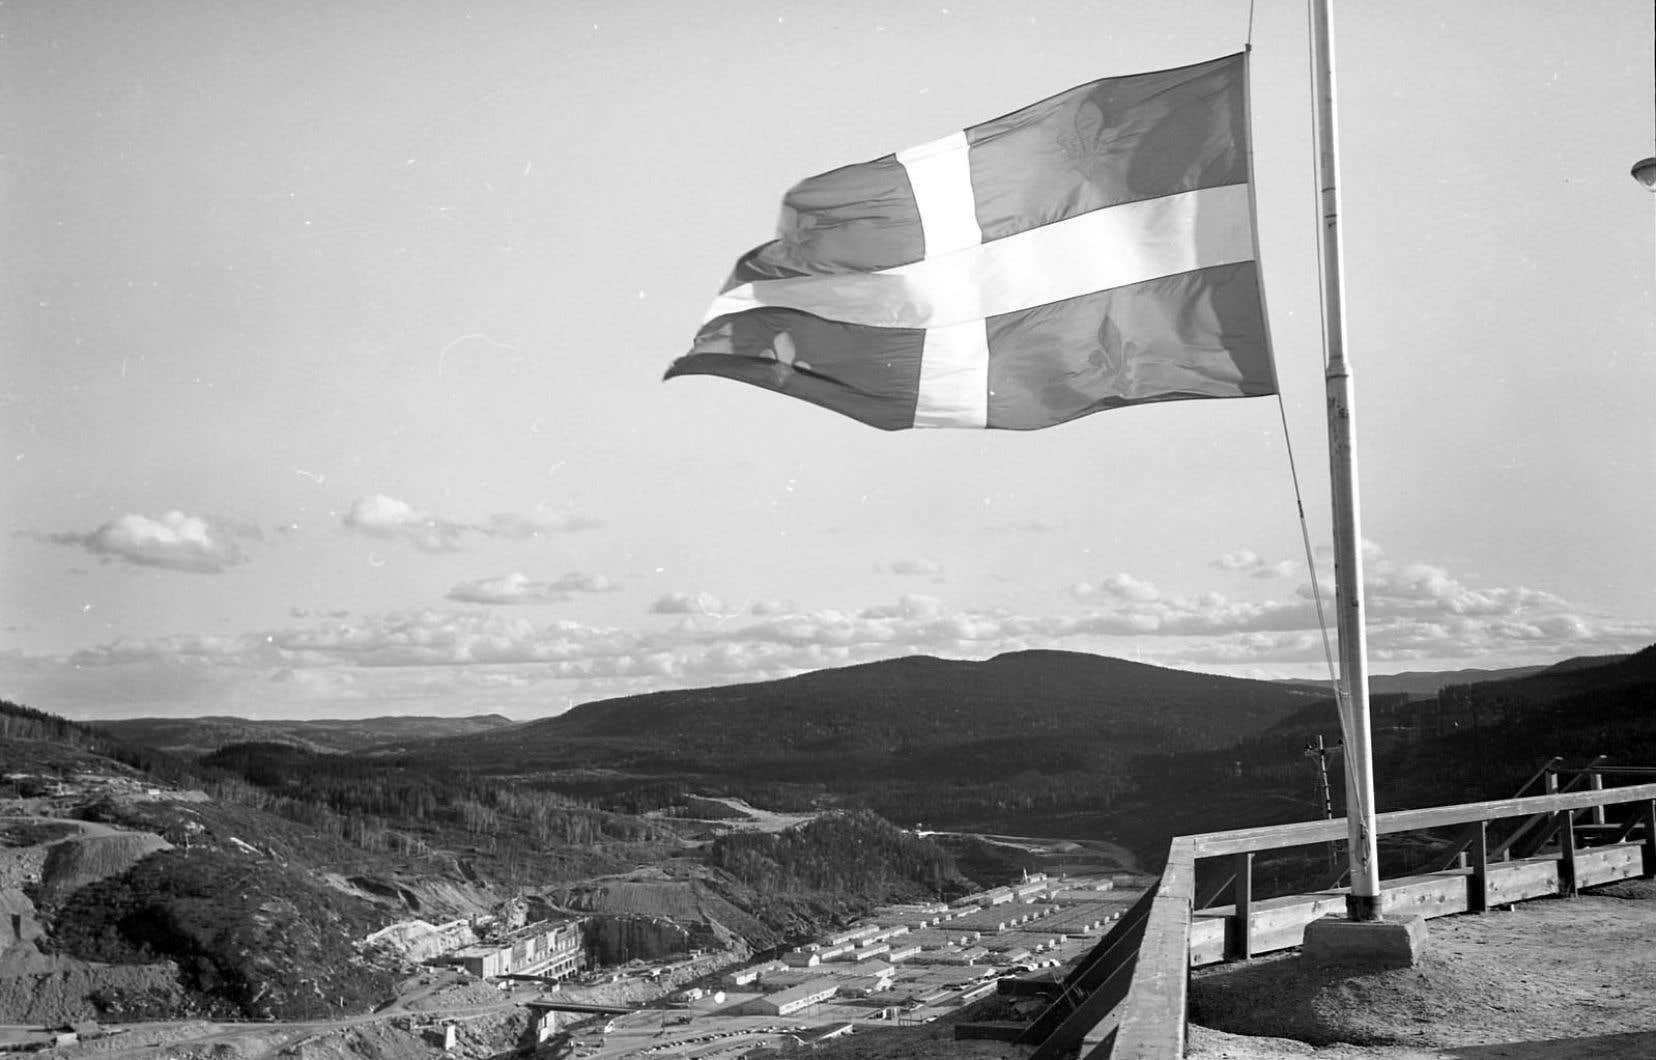 La veille de l'inauguration du complexe hydroélectrique Manic-5, en septembre 1968, le premier ministre québécois Daniel Johnson décède subitement dans son sommeil. Le lendemain, les drapeaux sont en berne.